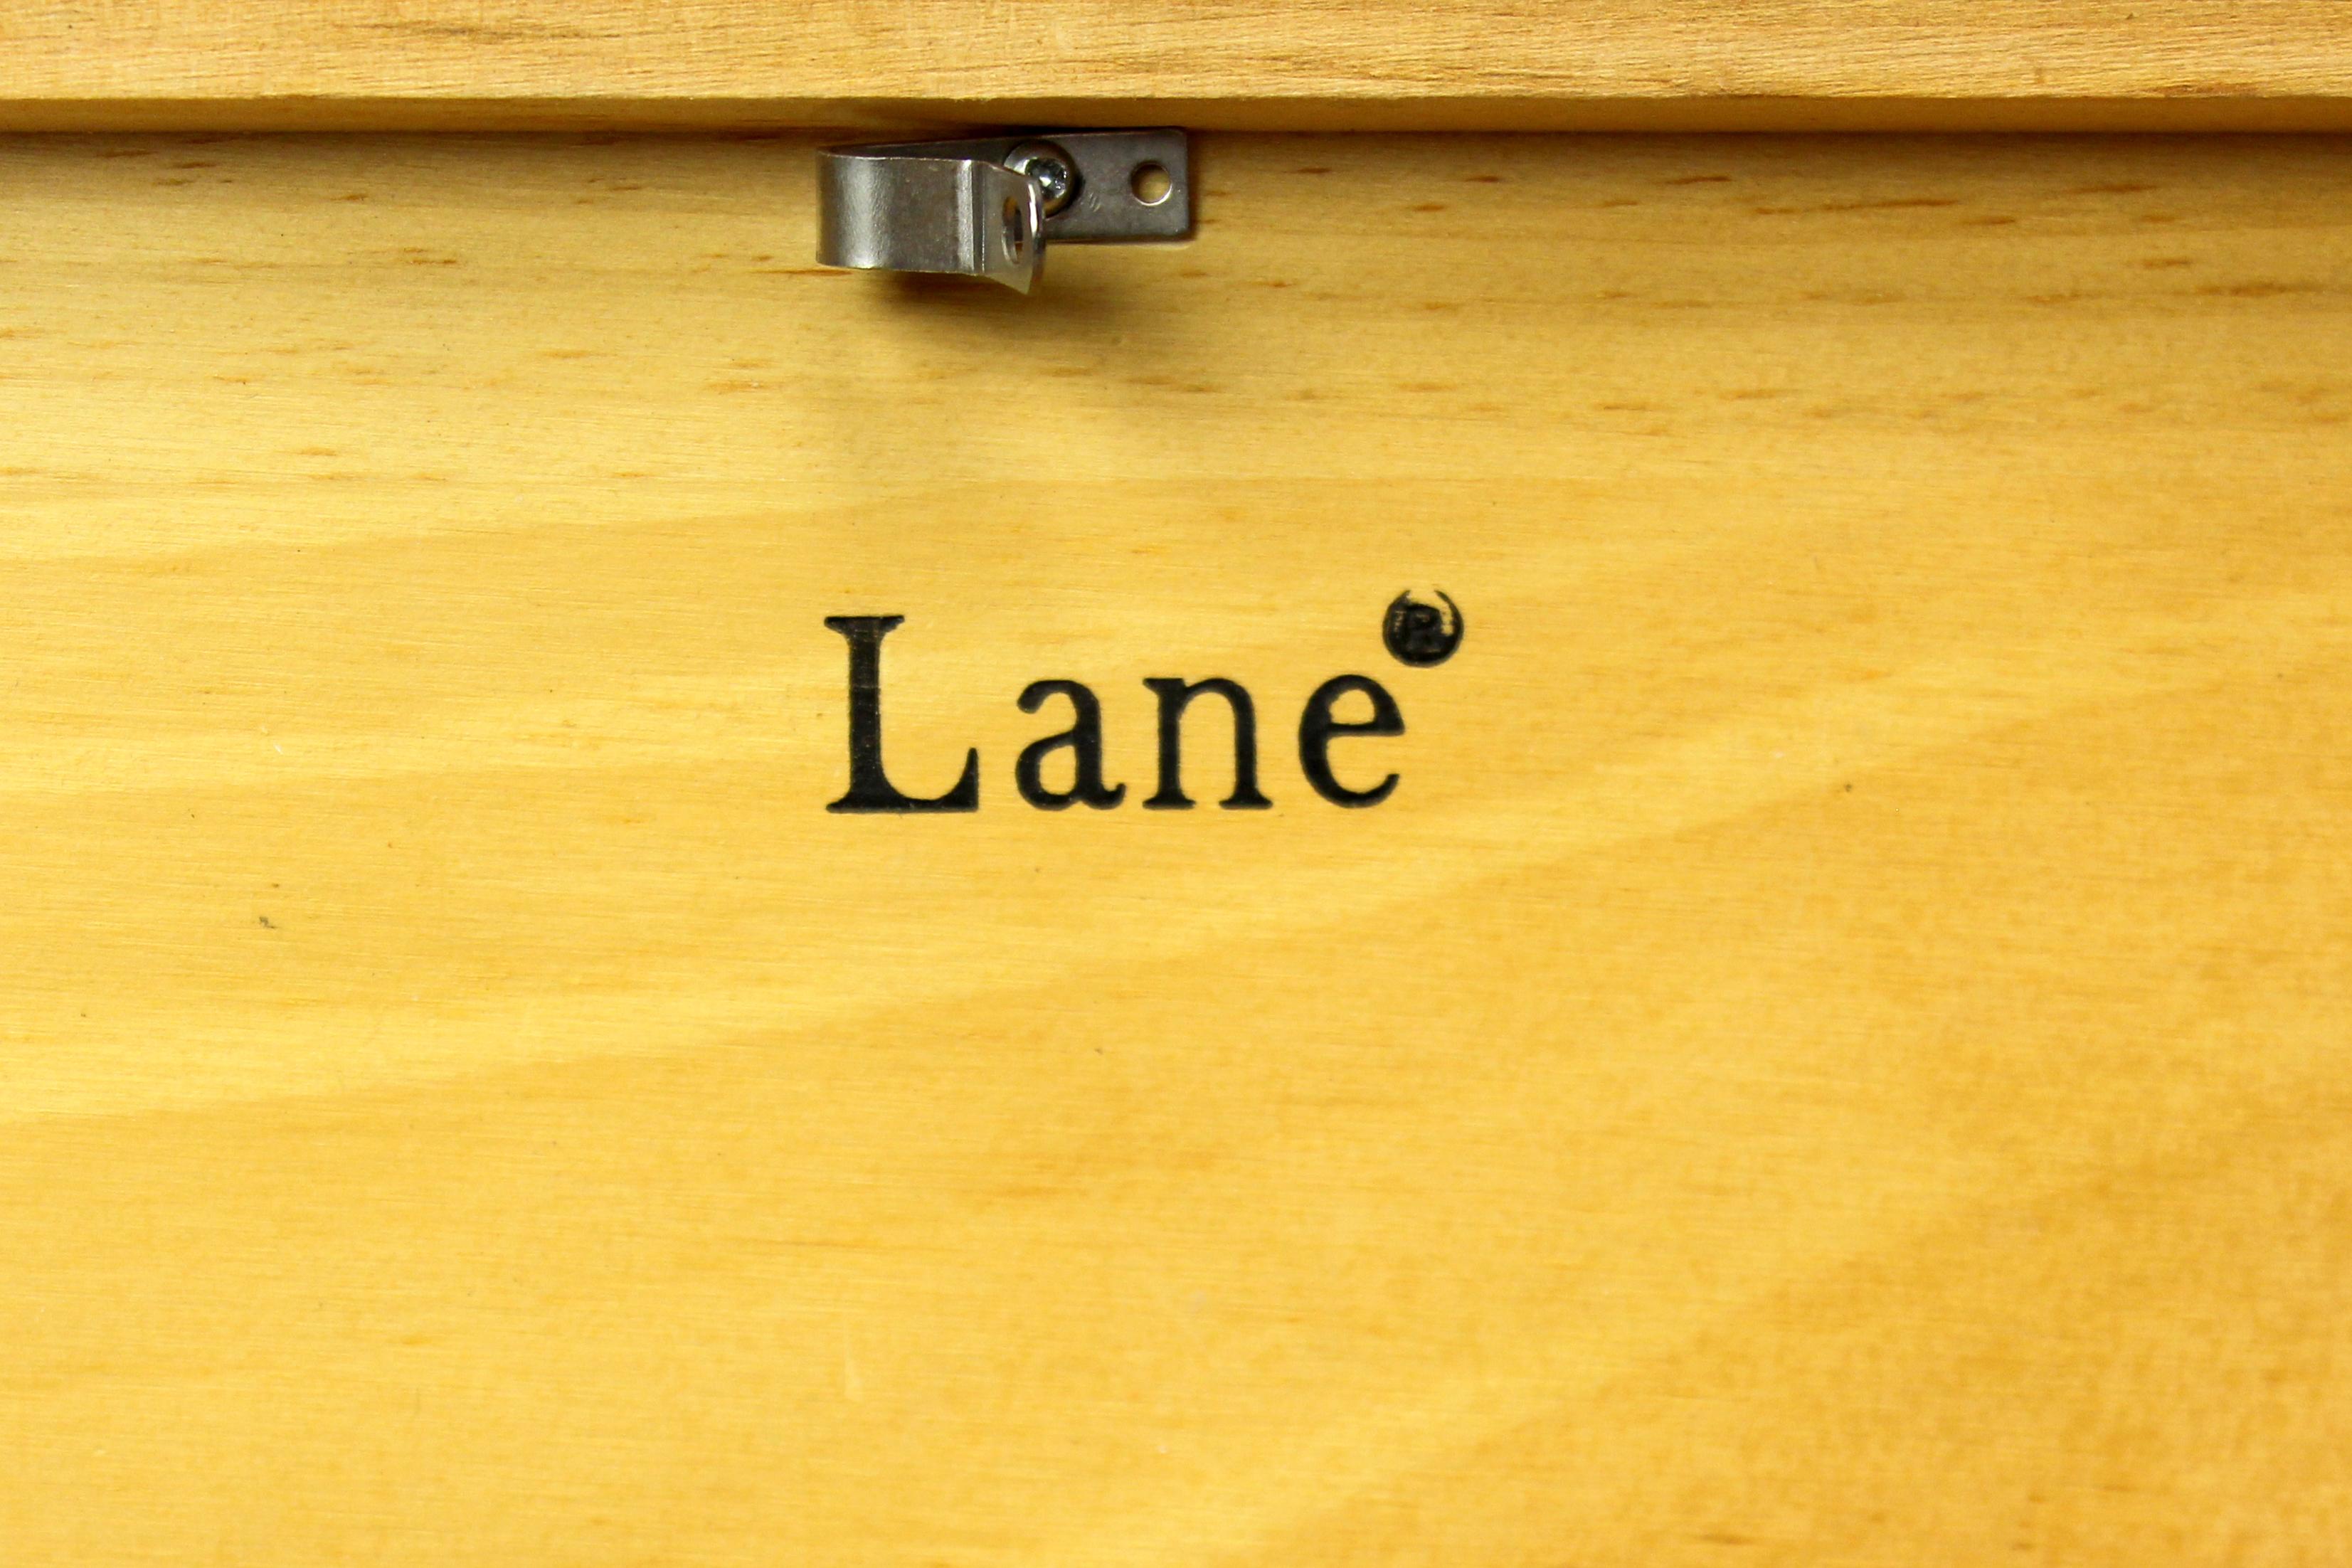 Logo_Lane_script only_Pine